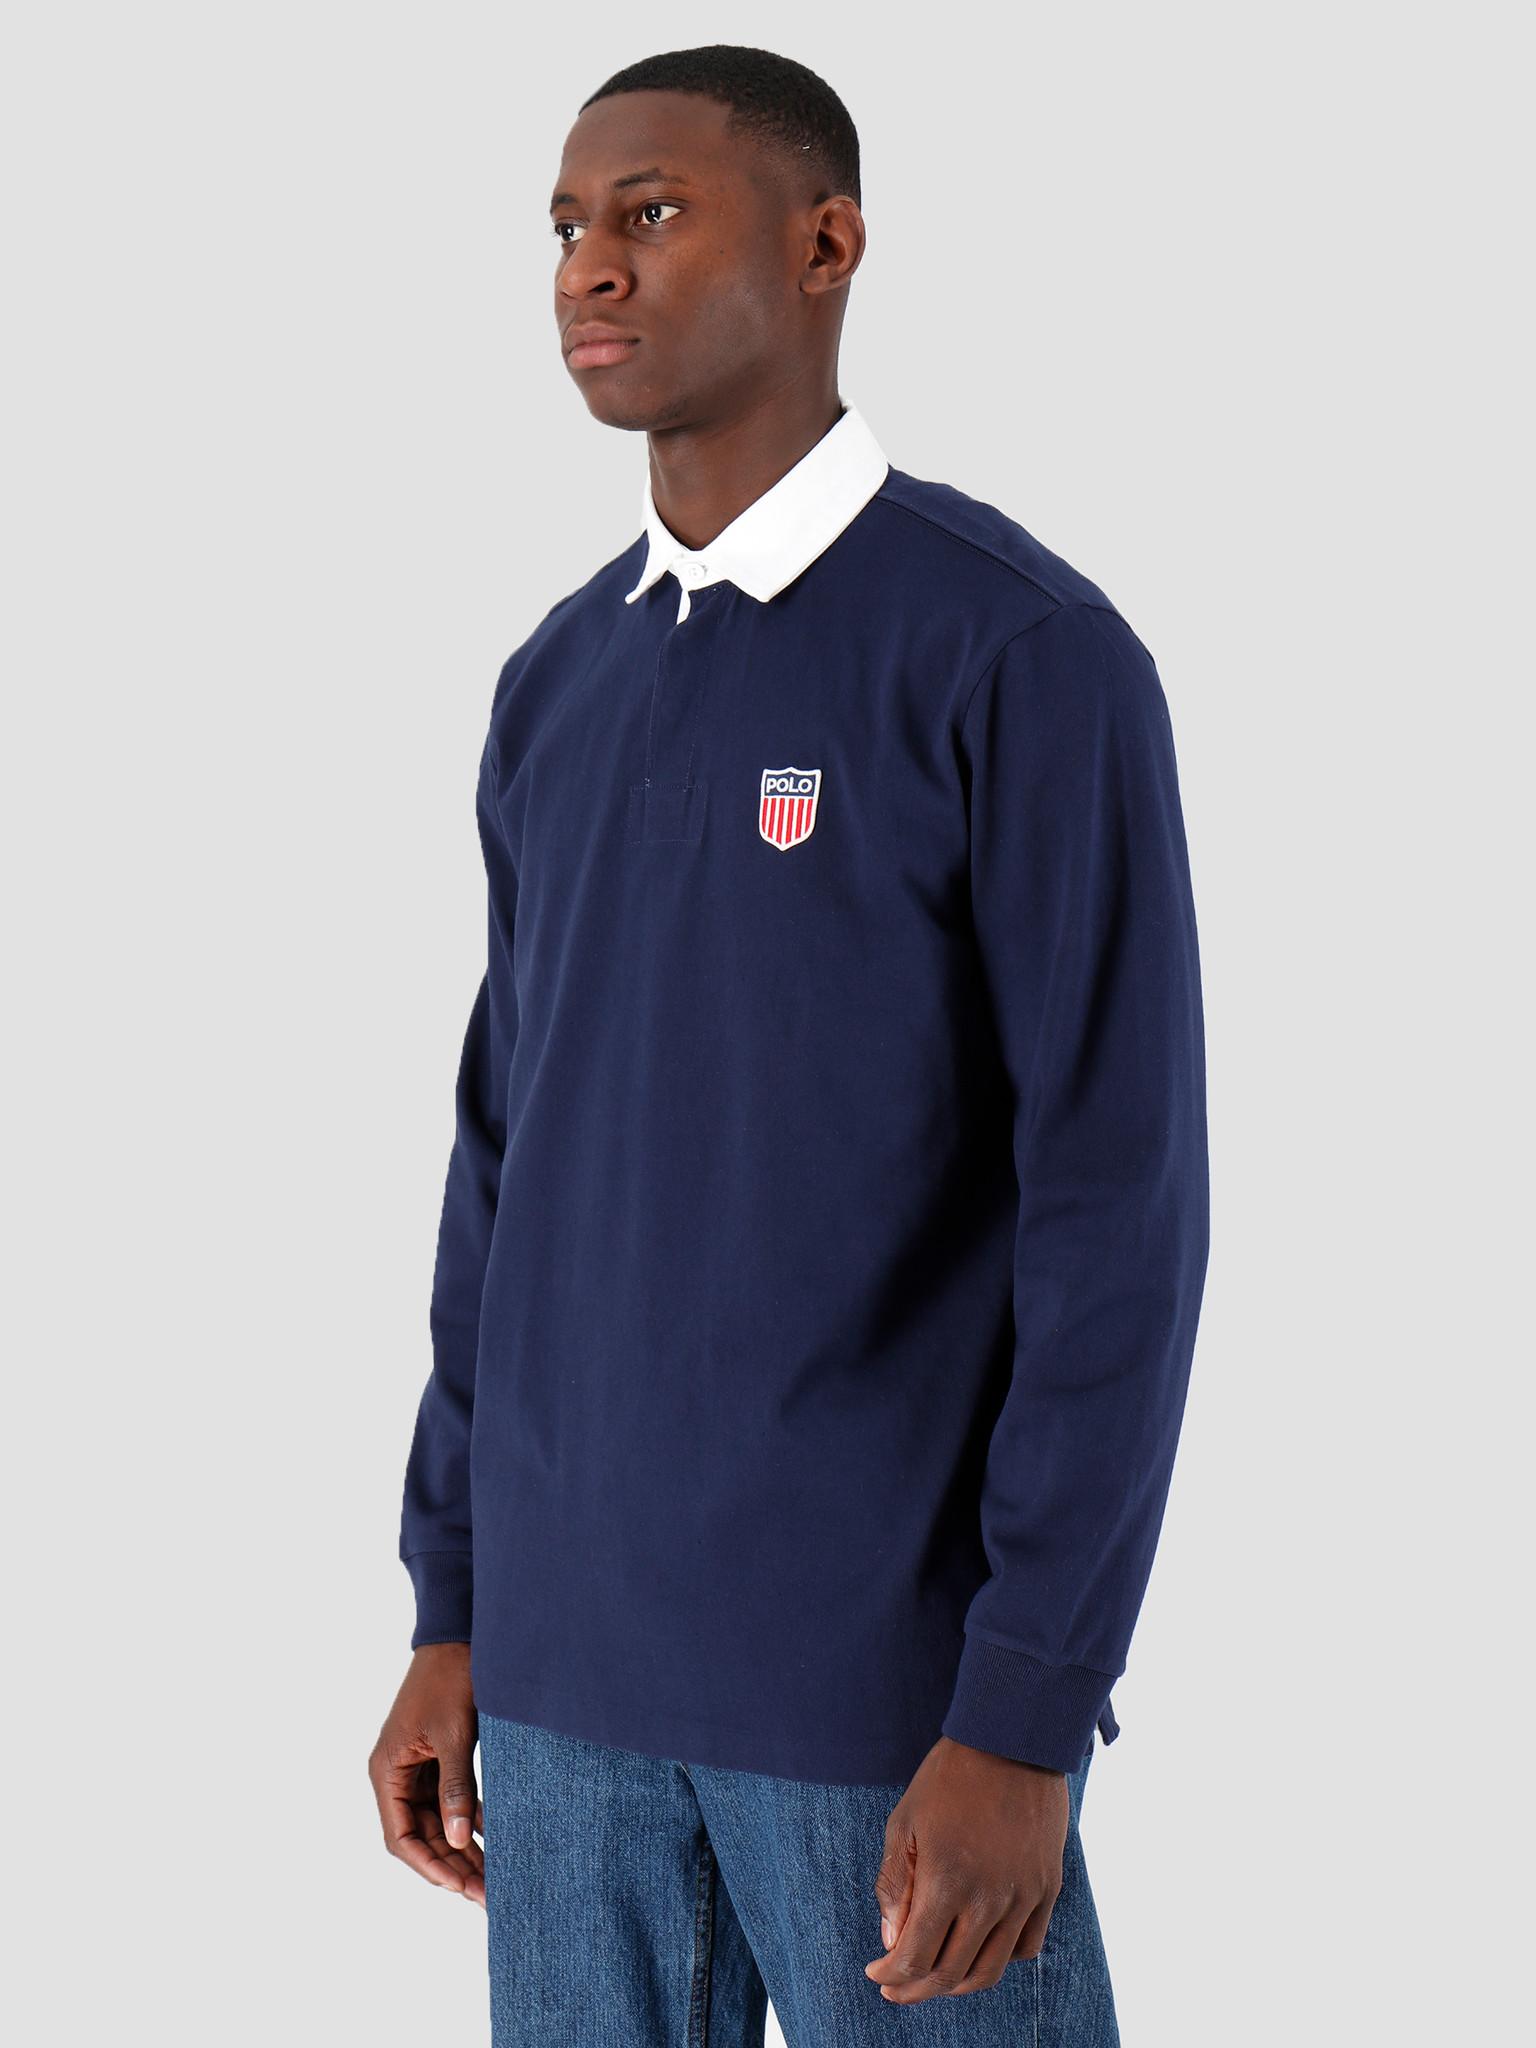 Polo Ralph Lauren Polo Ralph Lauren Lsrugbym1 Longsleeve Knit Navy 710781173001